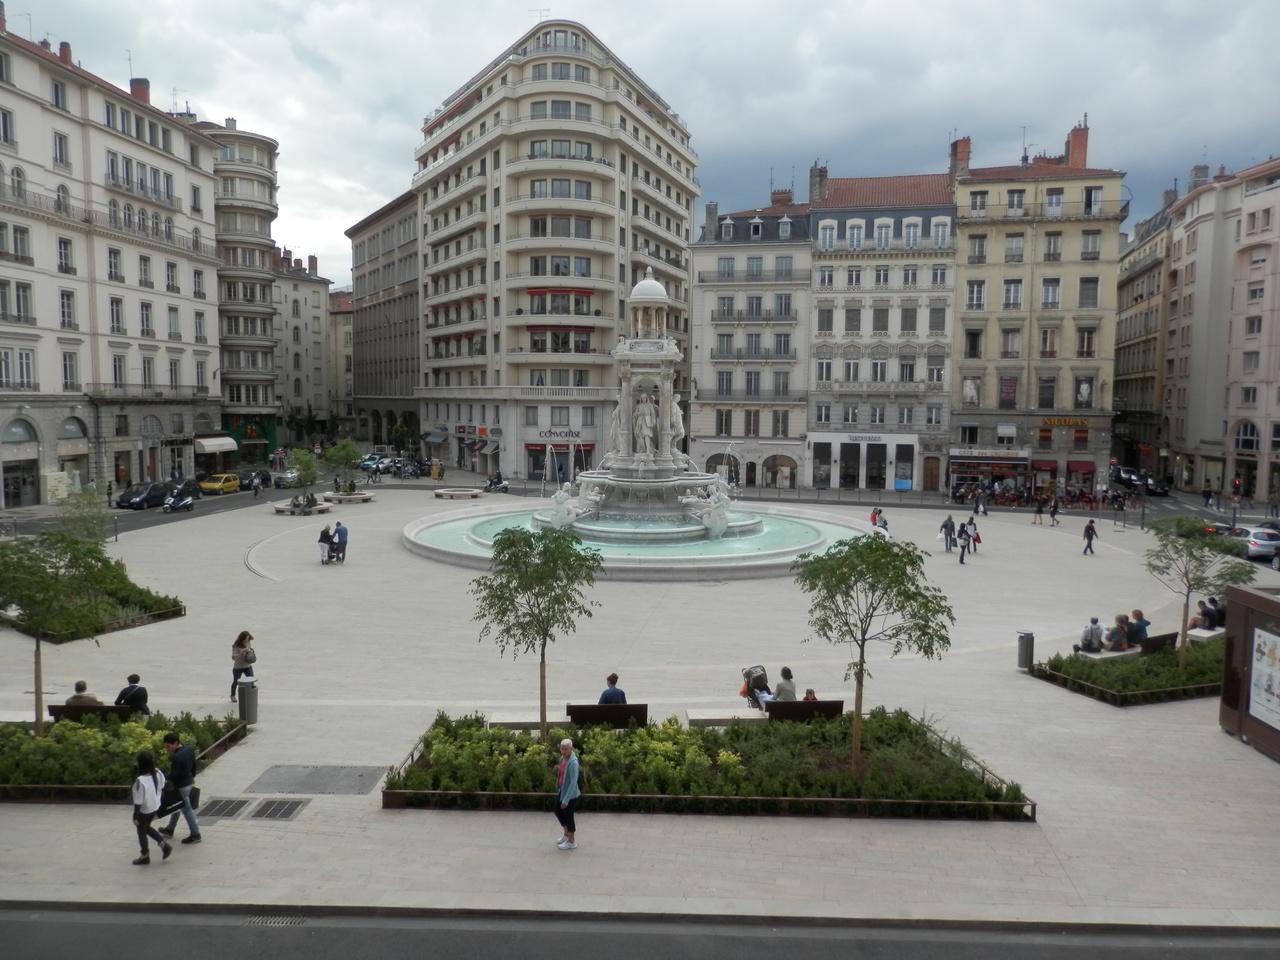 Площадь Якобинцев